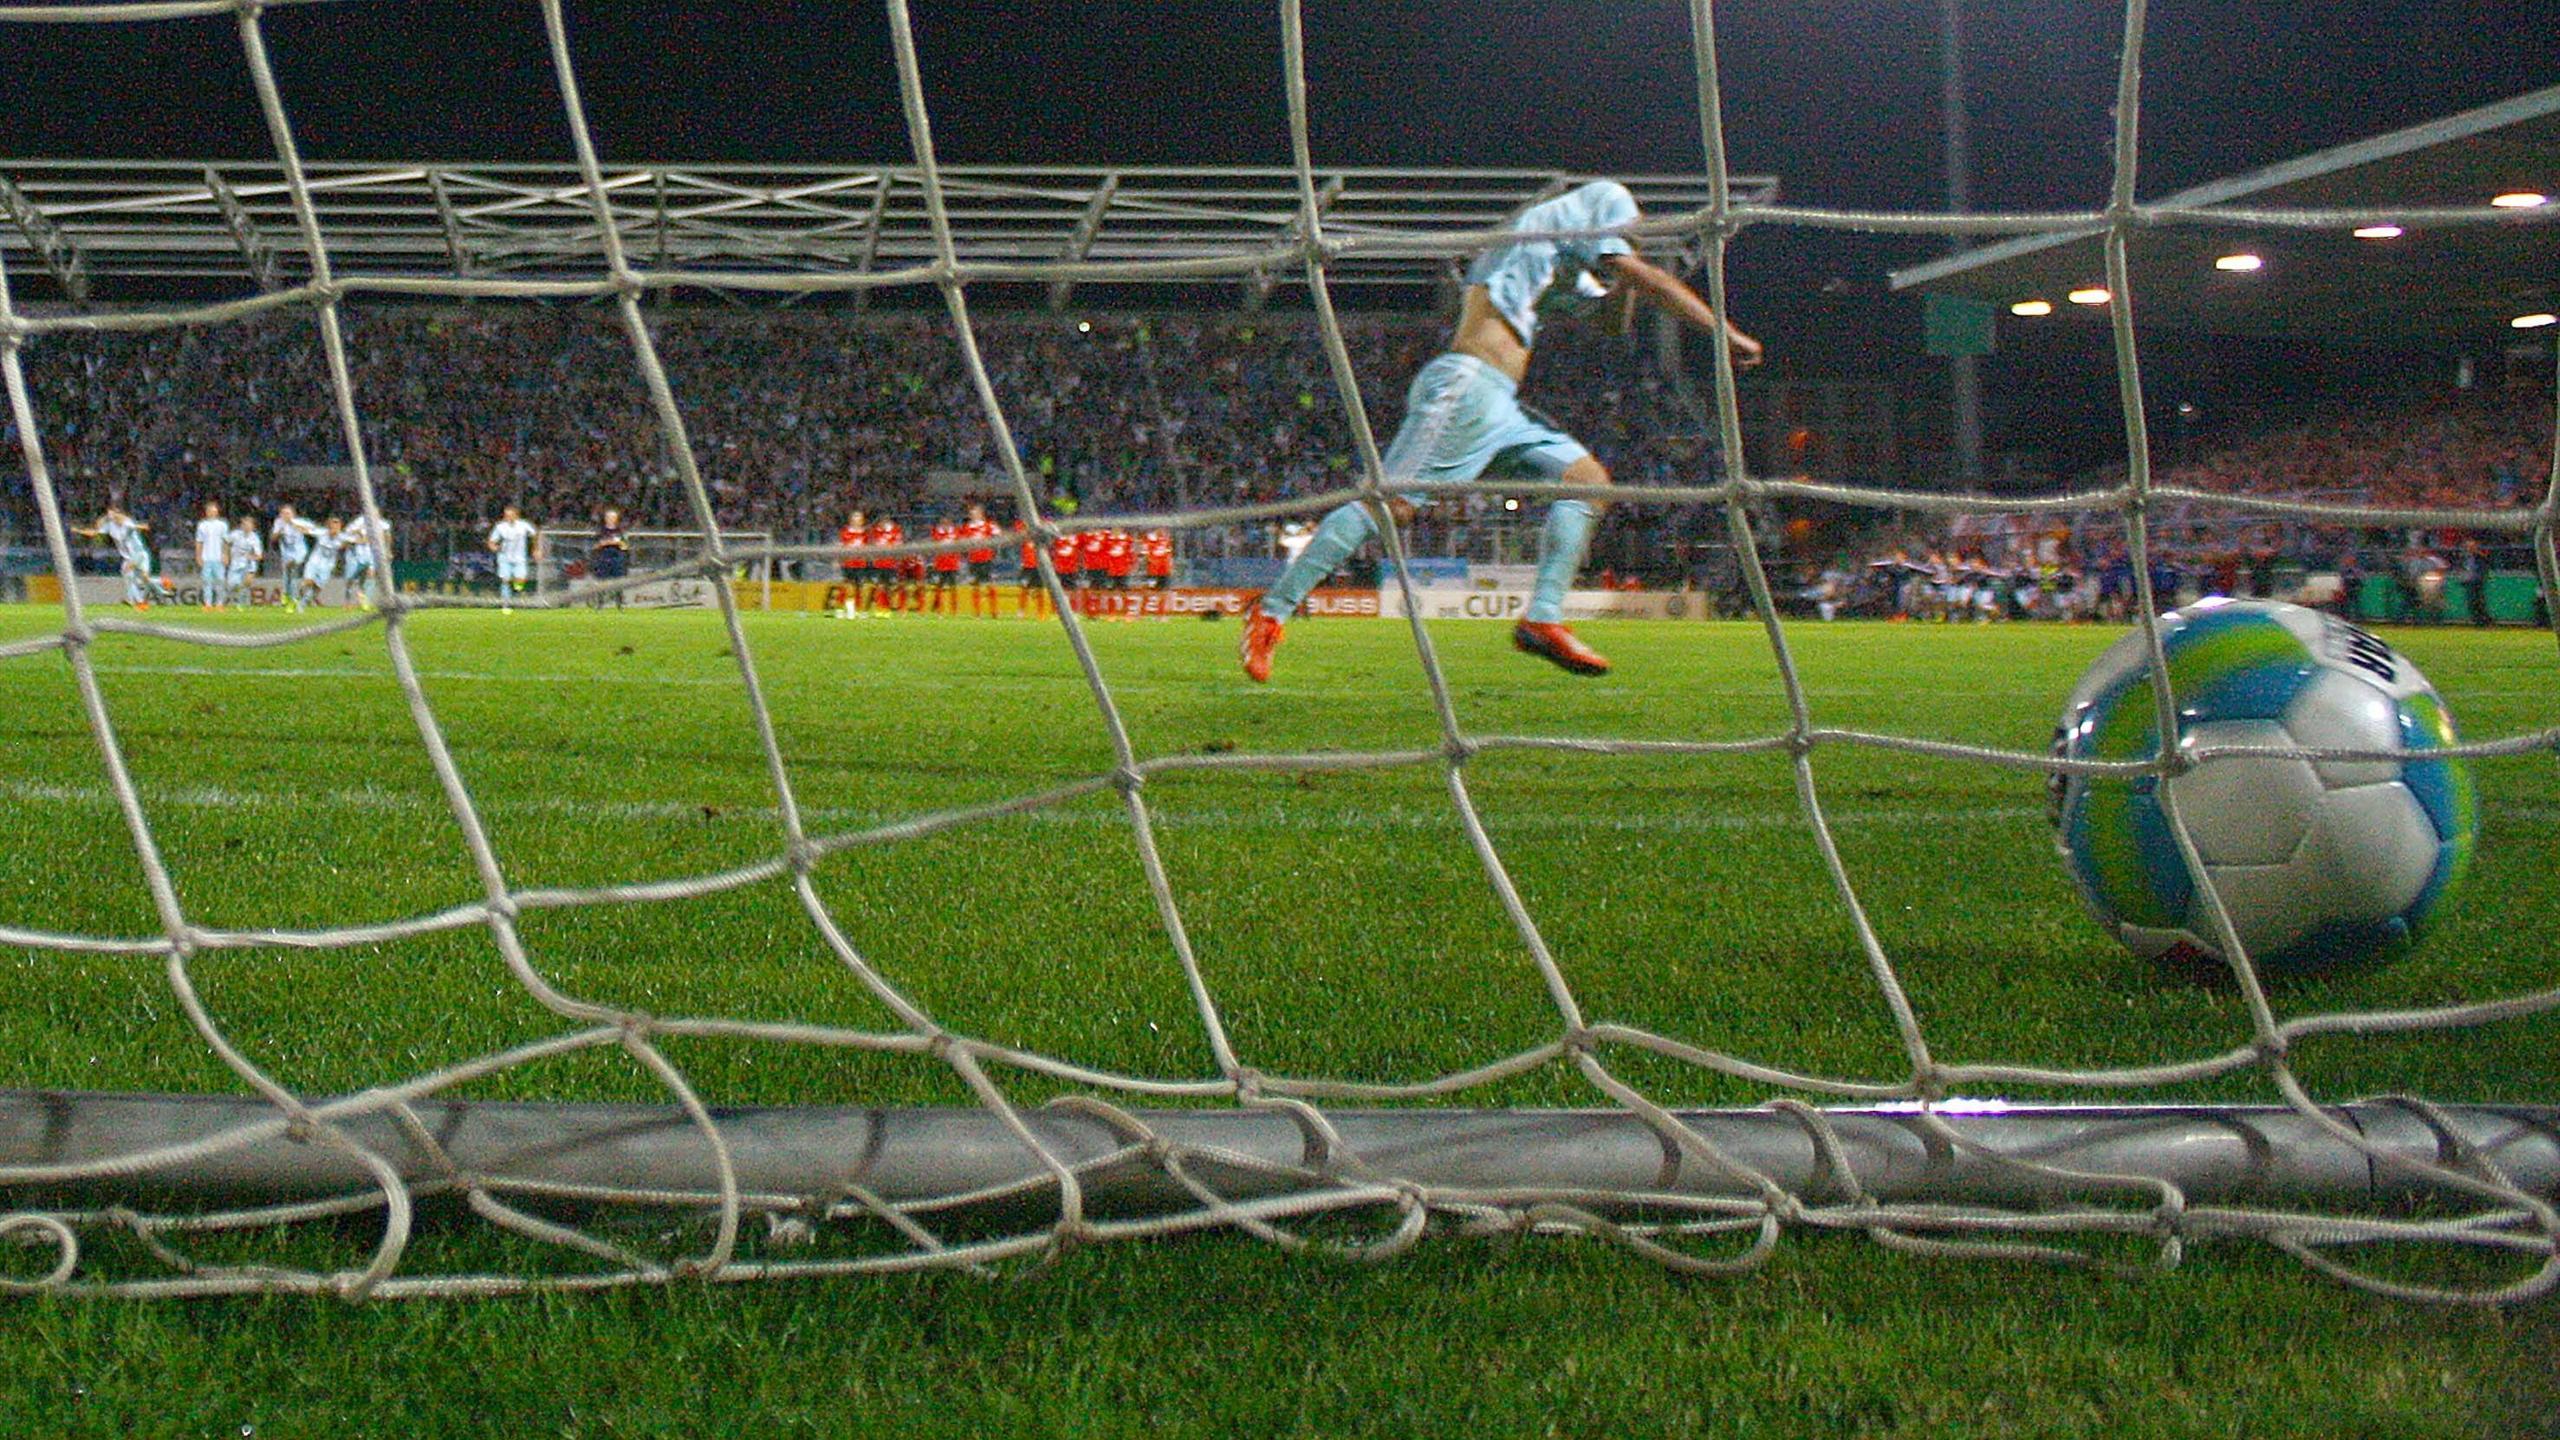 Anton Fink sería el encargado de marcar el decisivo 6-5 en la tanda de penaltis en la que el Chemnitzer FC daba la campanada ante el Mainz 05 en la DFB-Pokal. Foto: Getty Images.